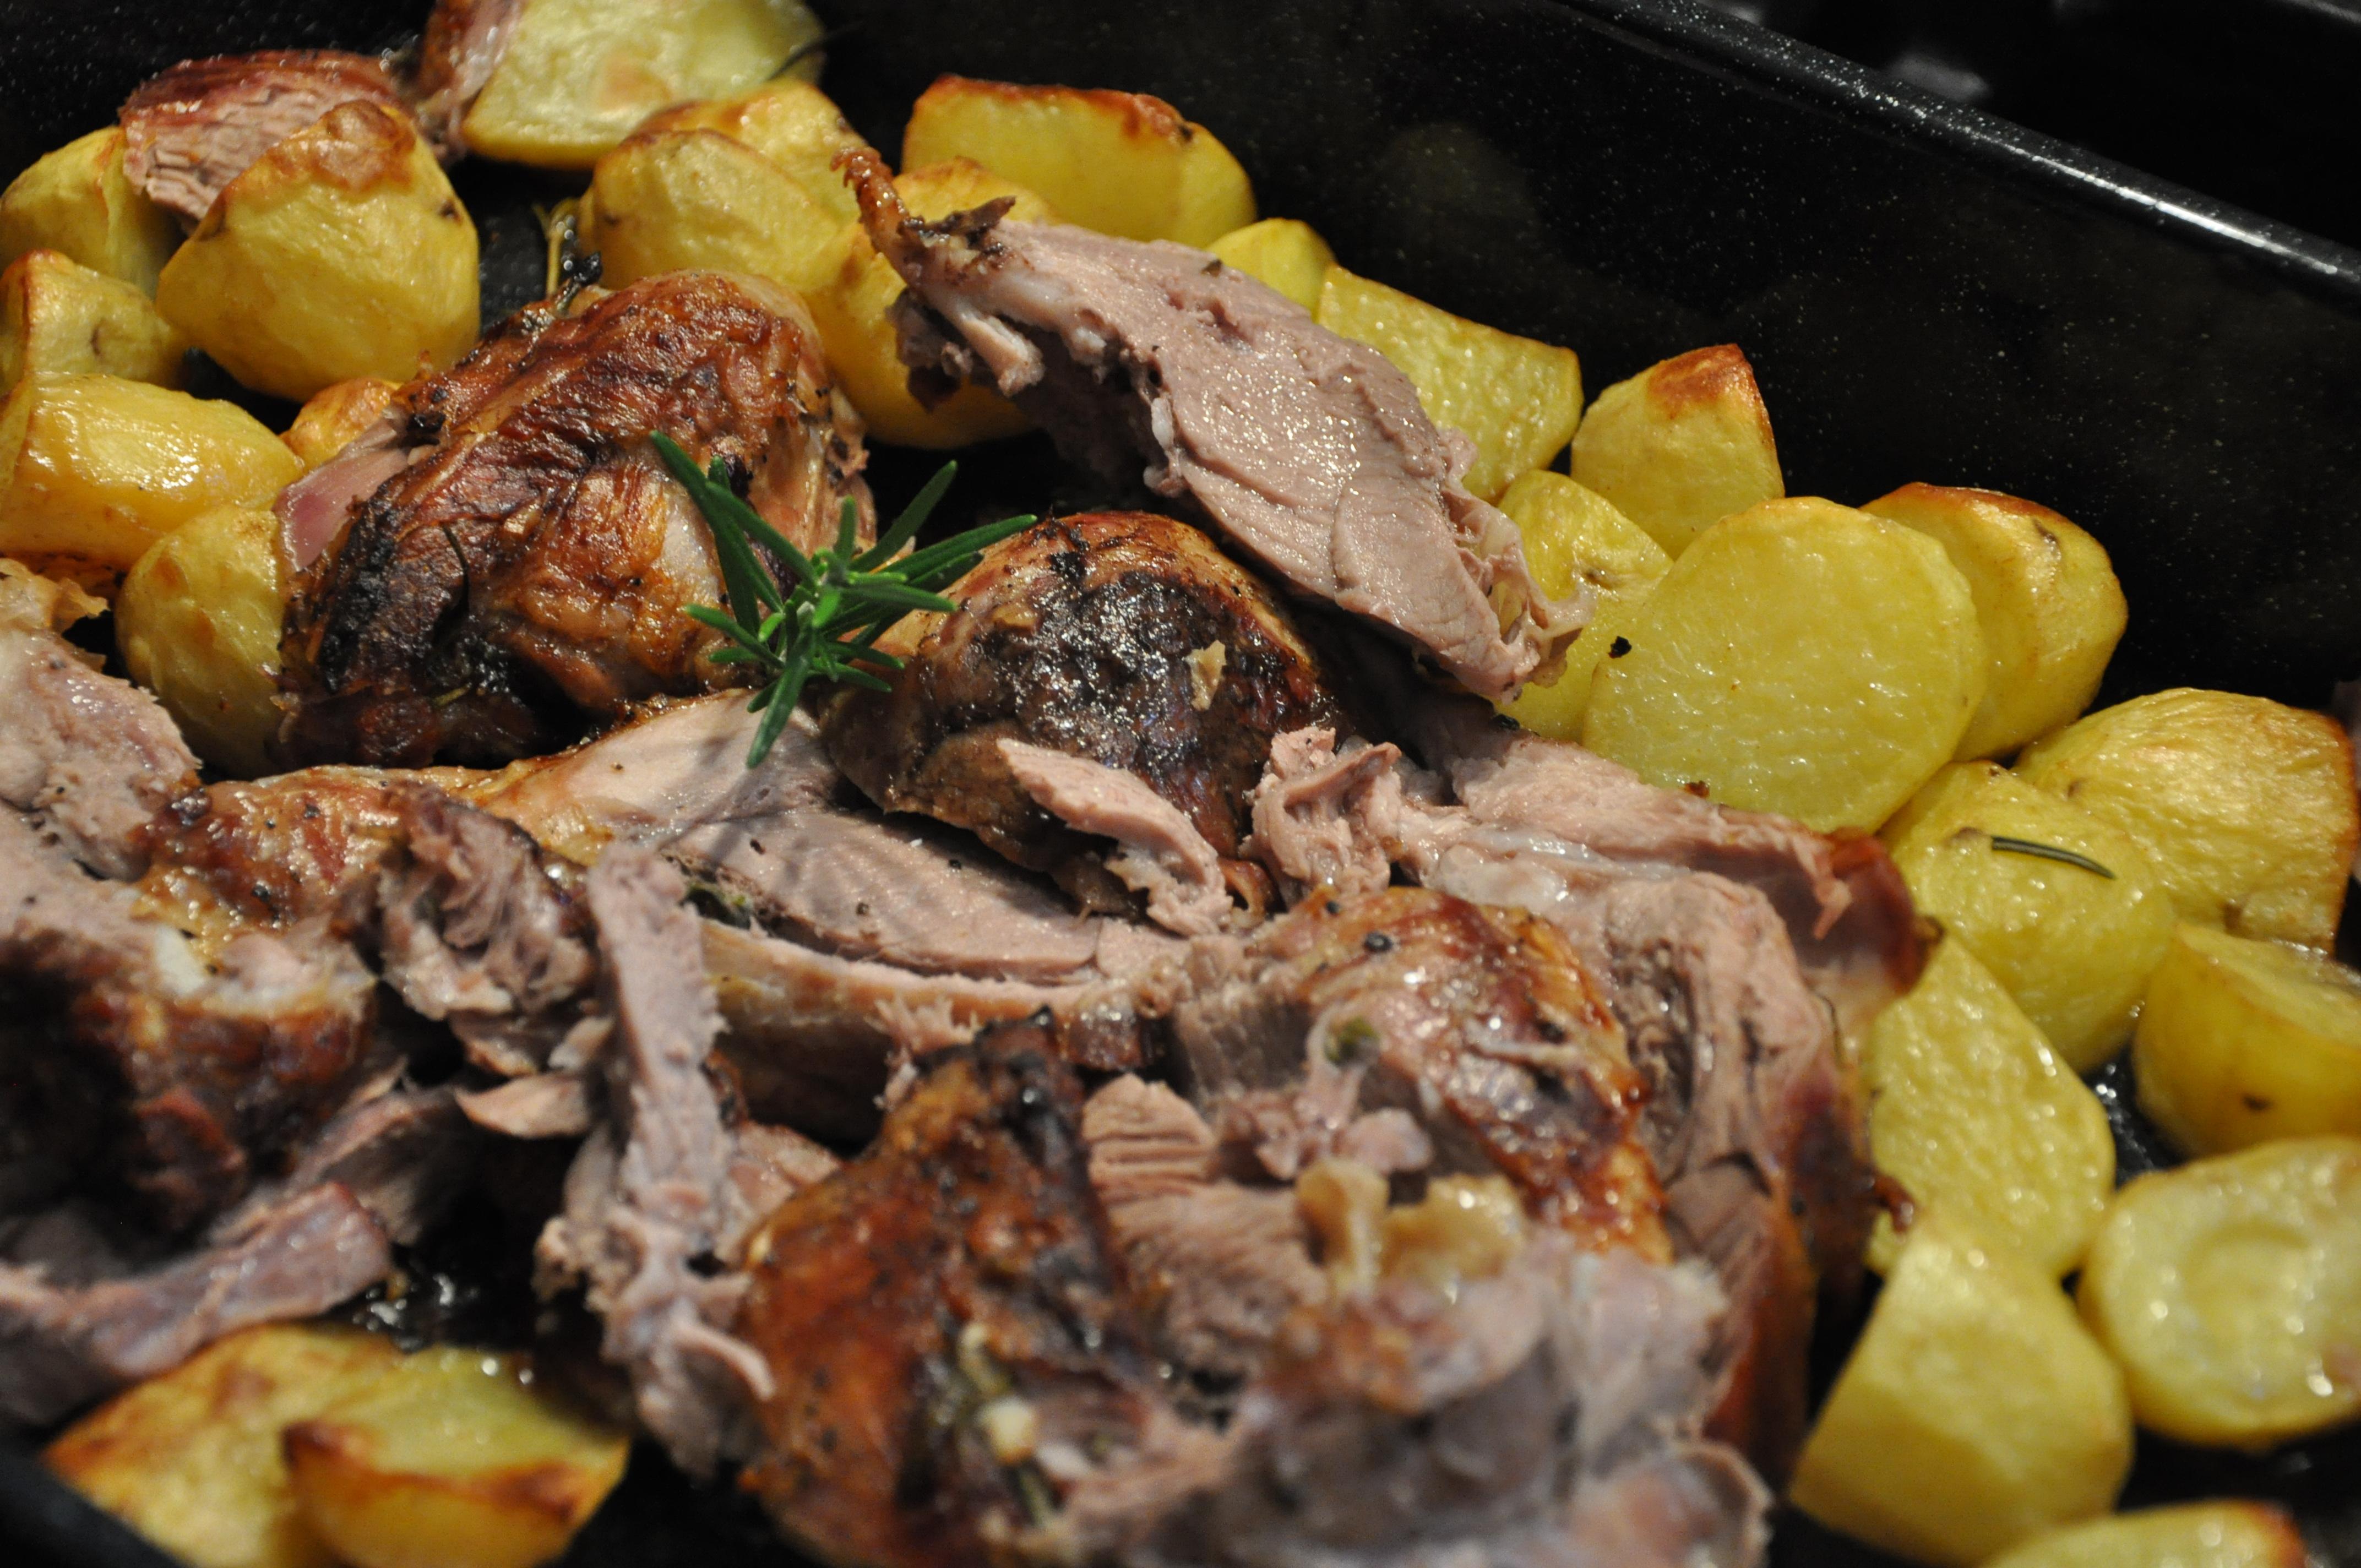 lammekølle med kartofler i ovn